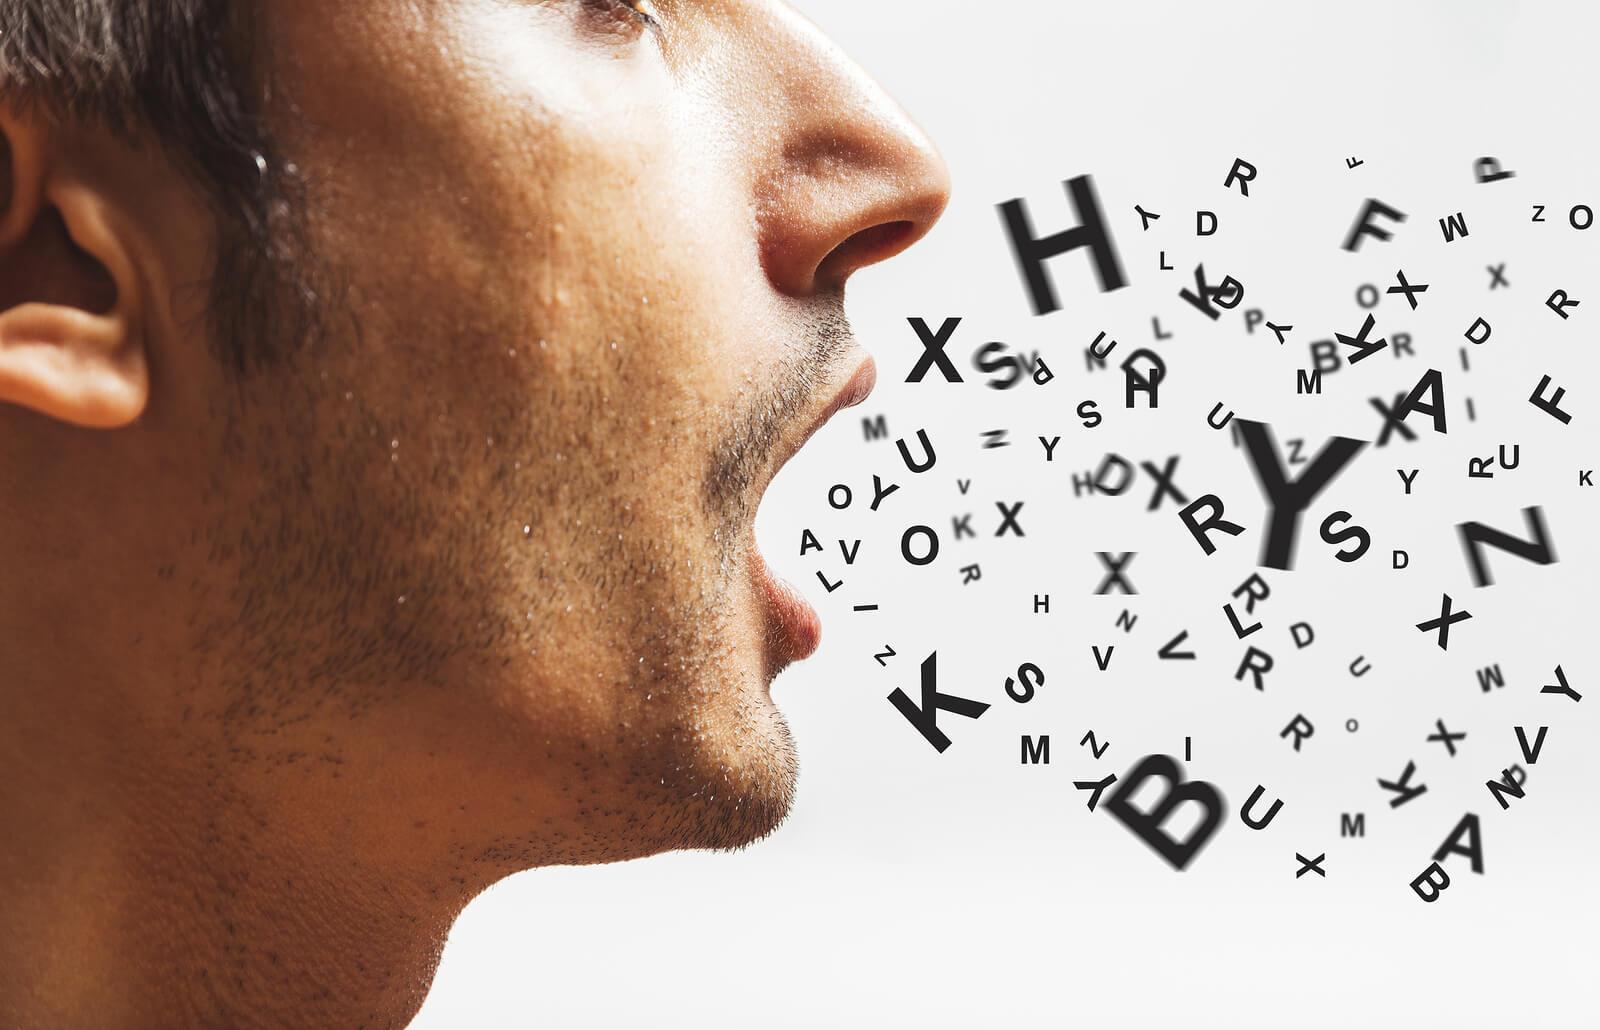 Recursos verbales. ¿Qué son? Y 5 ejemplos de uso en el ámbito laboral